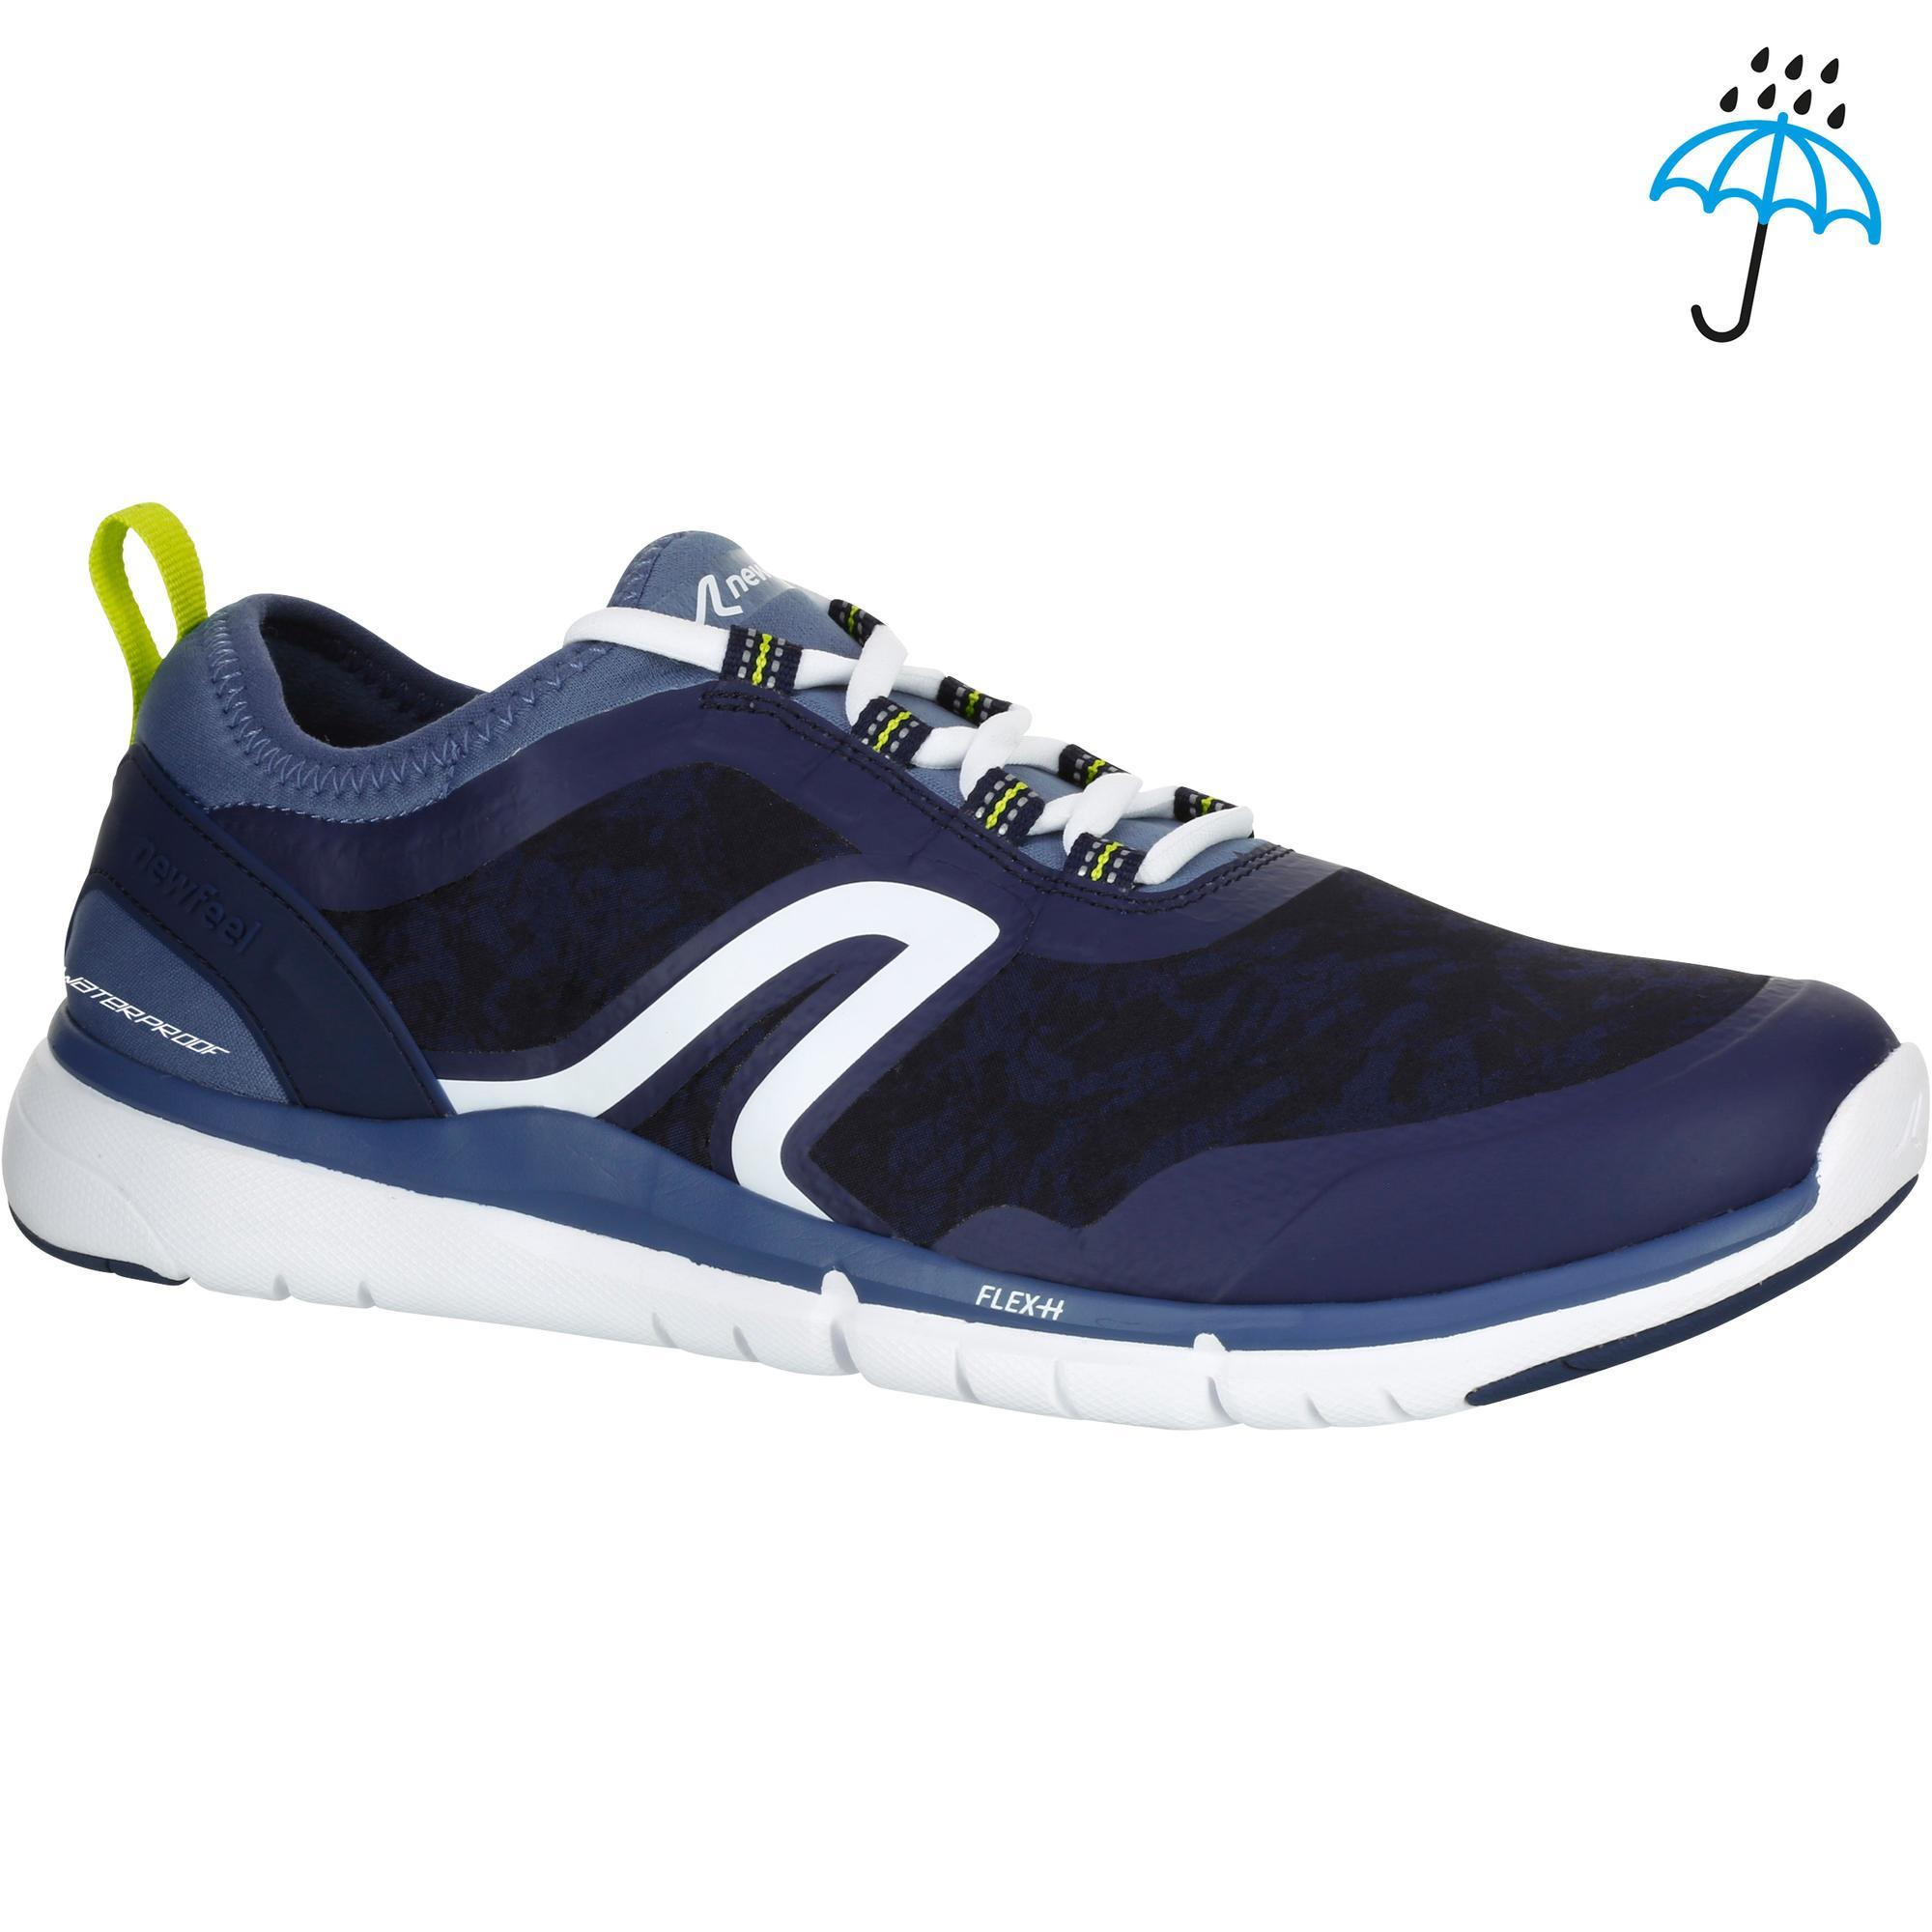 Newfeel Herensneakers voor sportief wandelen PW 580 RespiDry